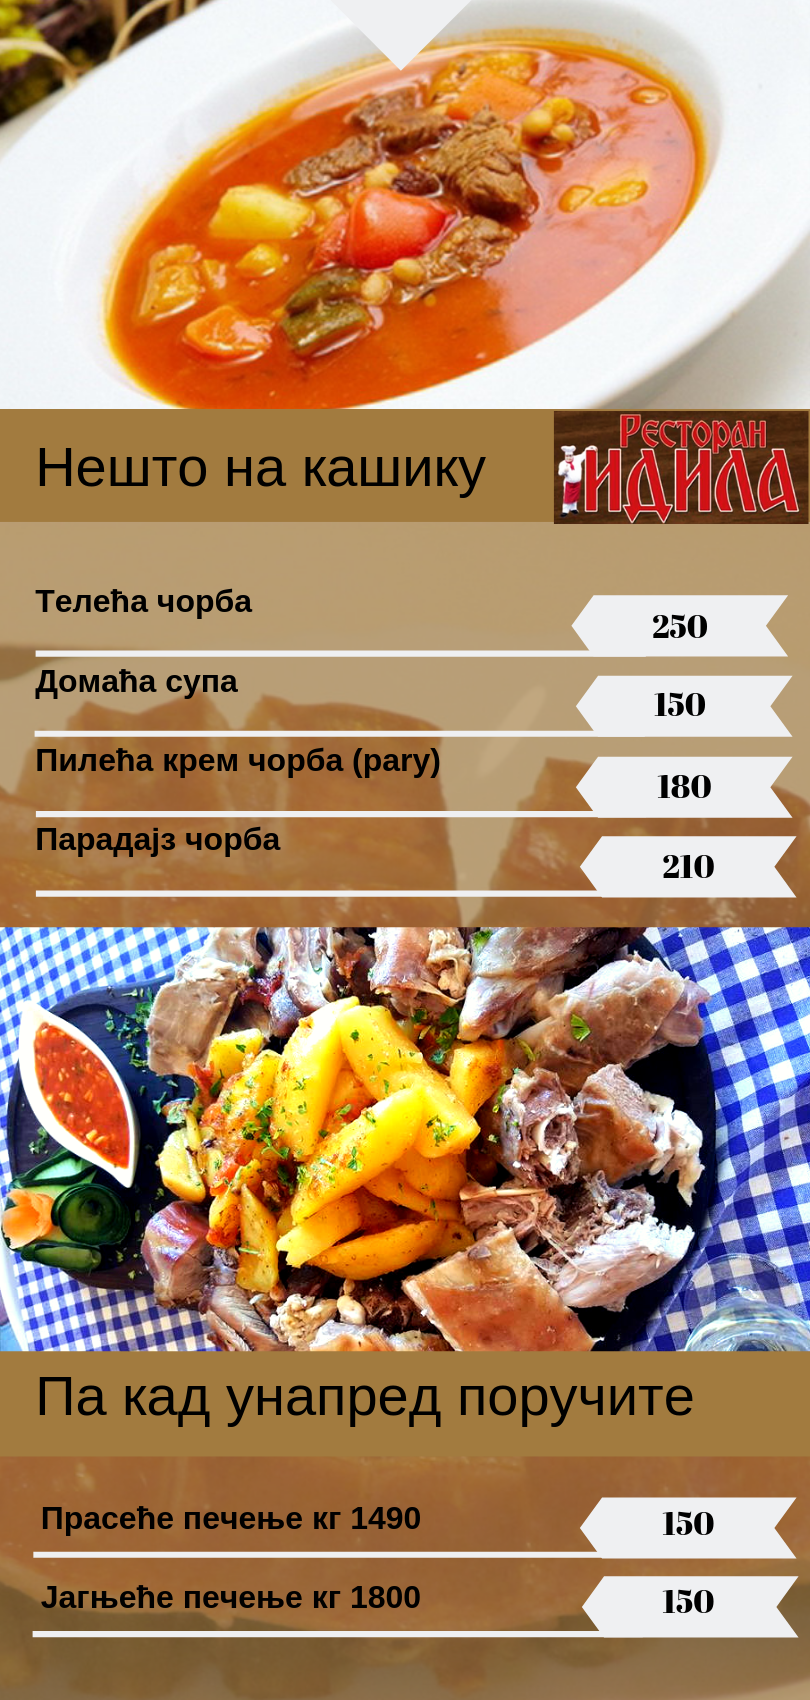 Stara idila hrana(43)